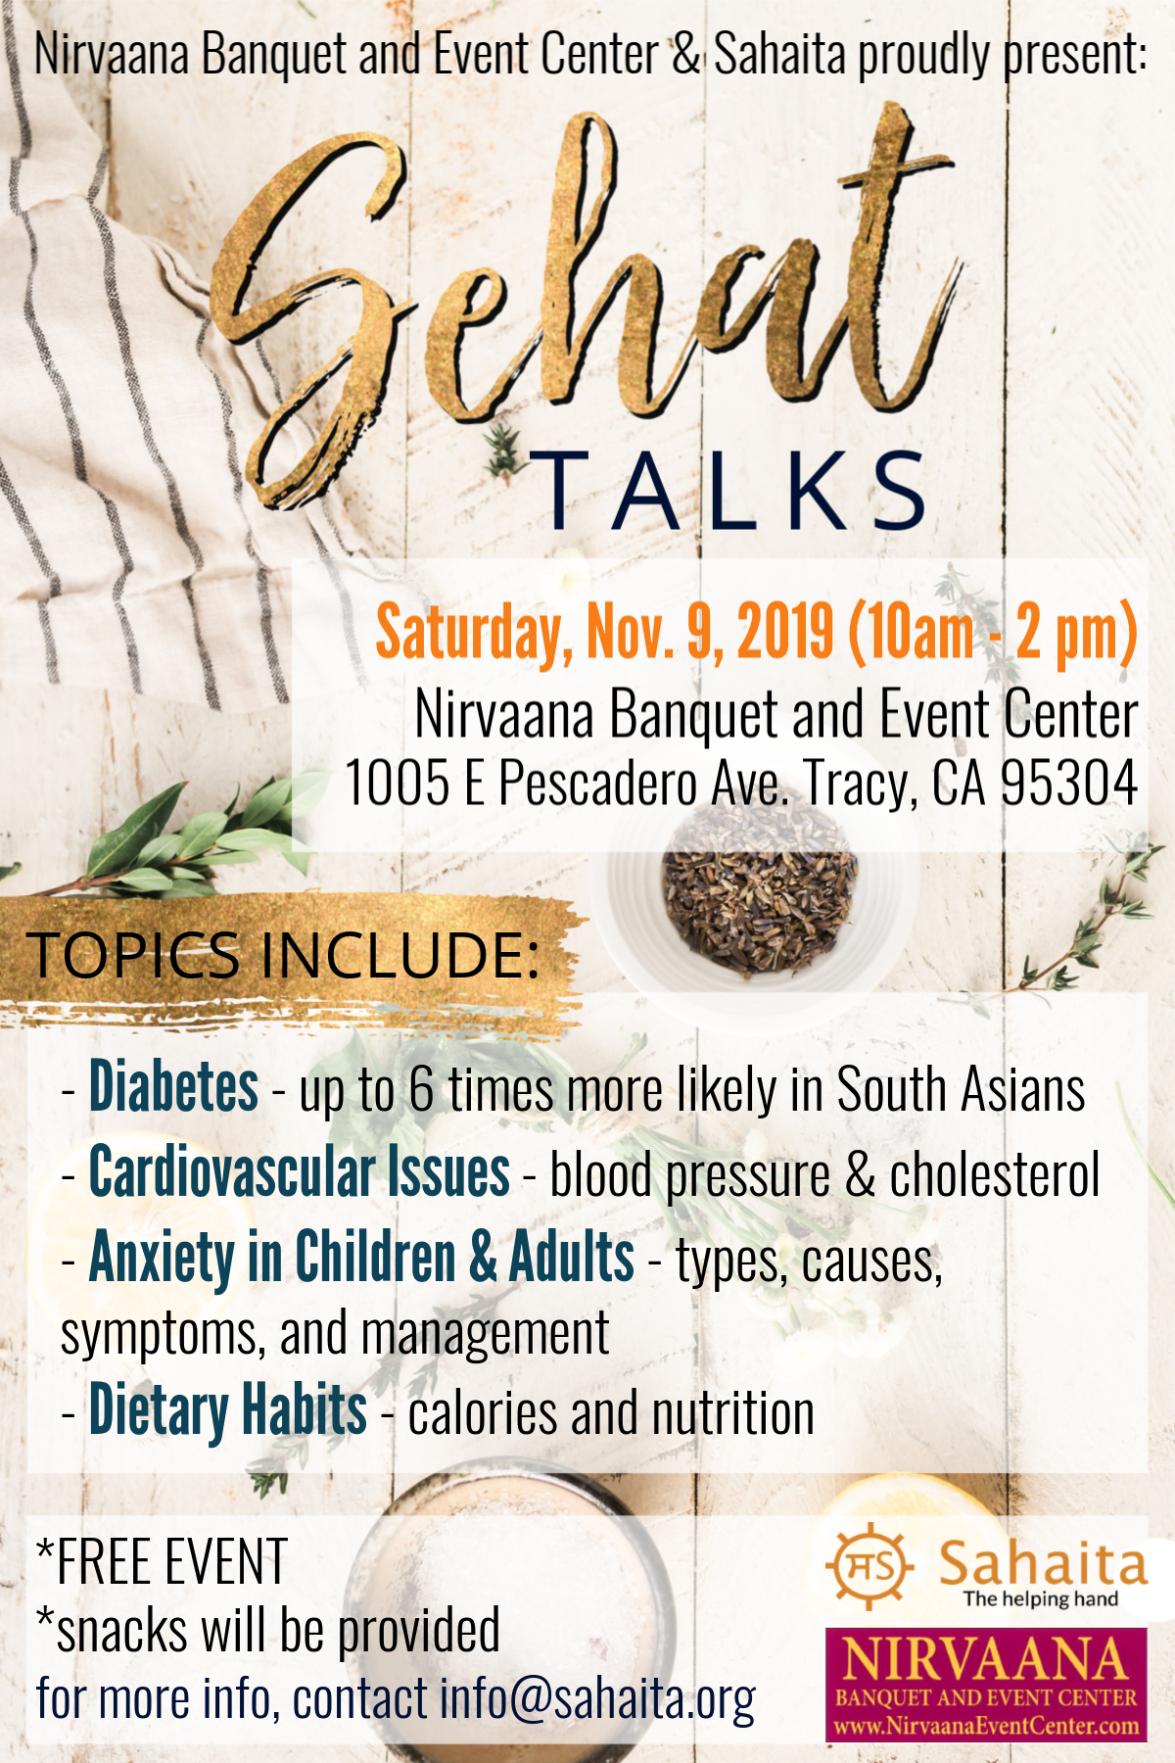 Sehat Talks